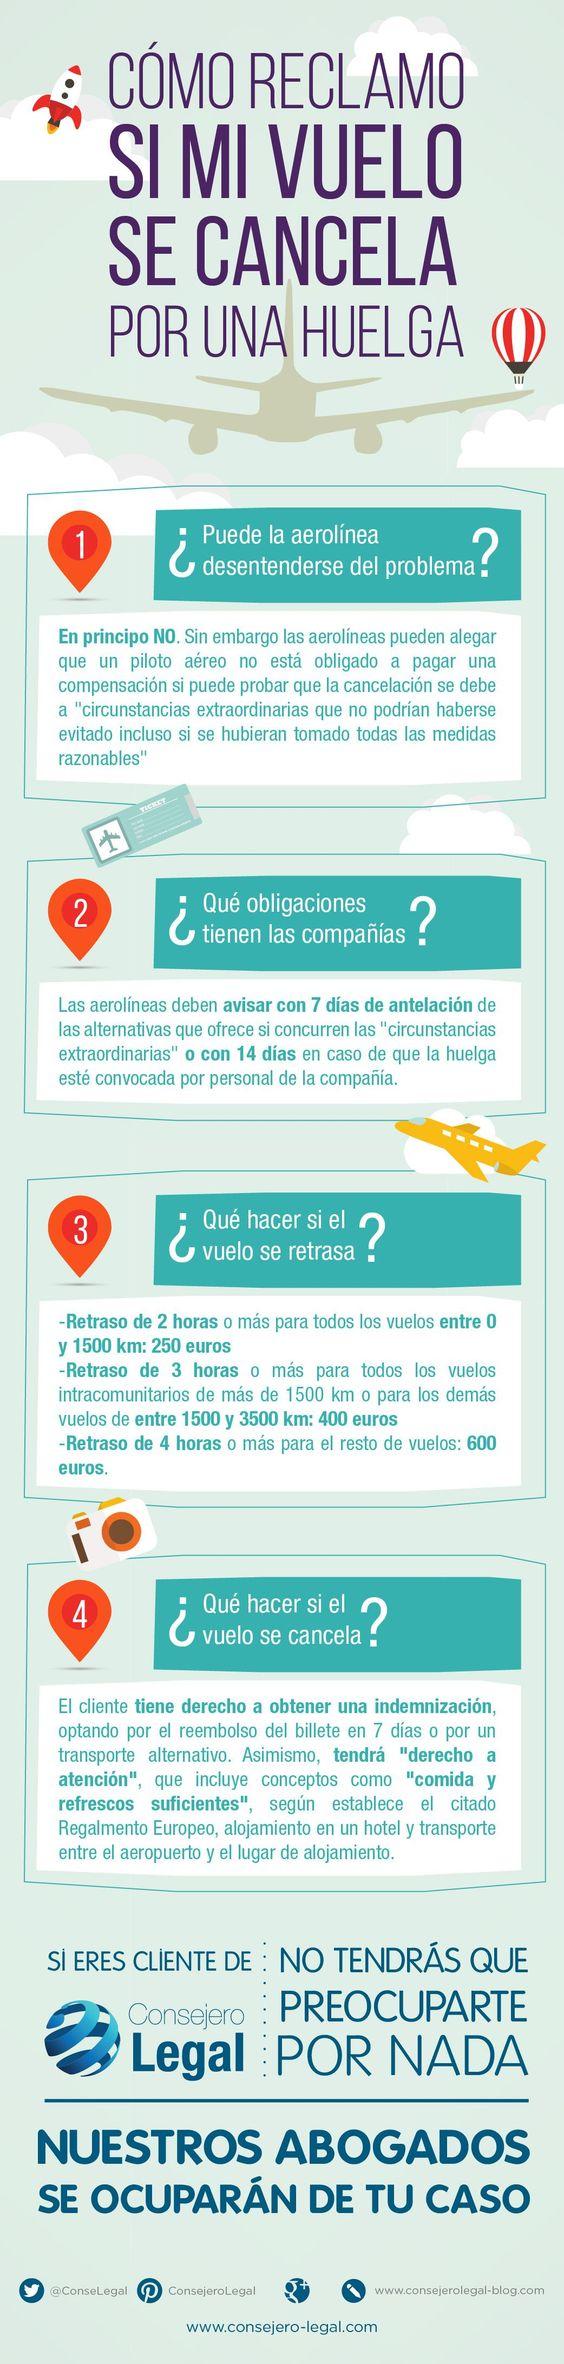 Infografía sobre Cómo reclamar si mi vuelo ha sido cancelado por huelga. #dinero